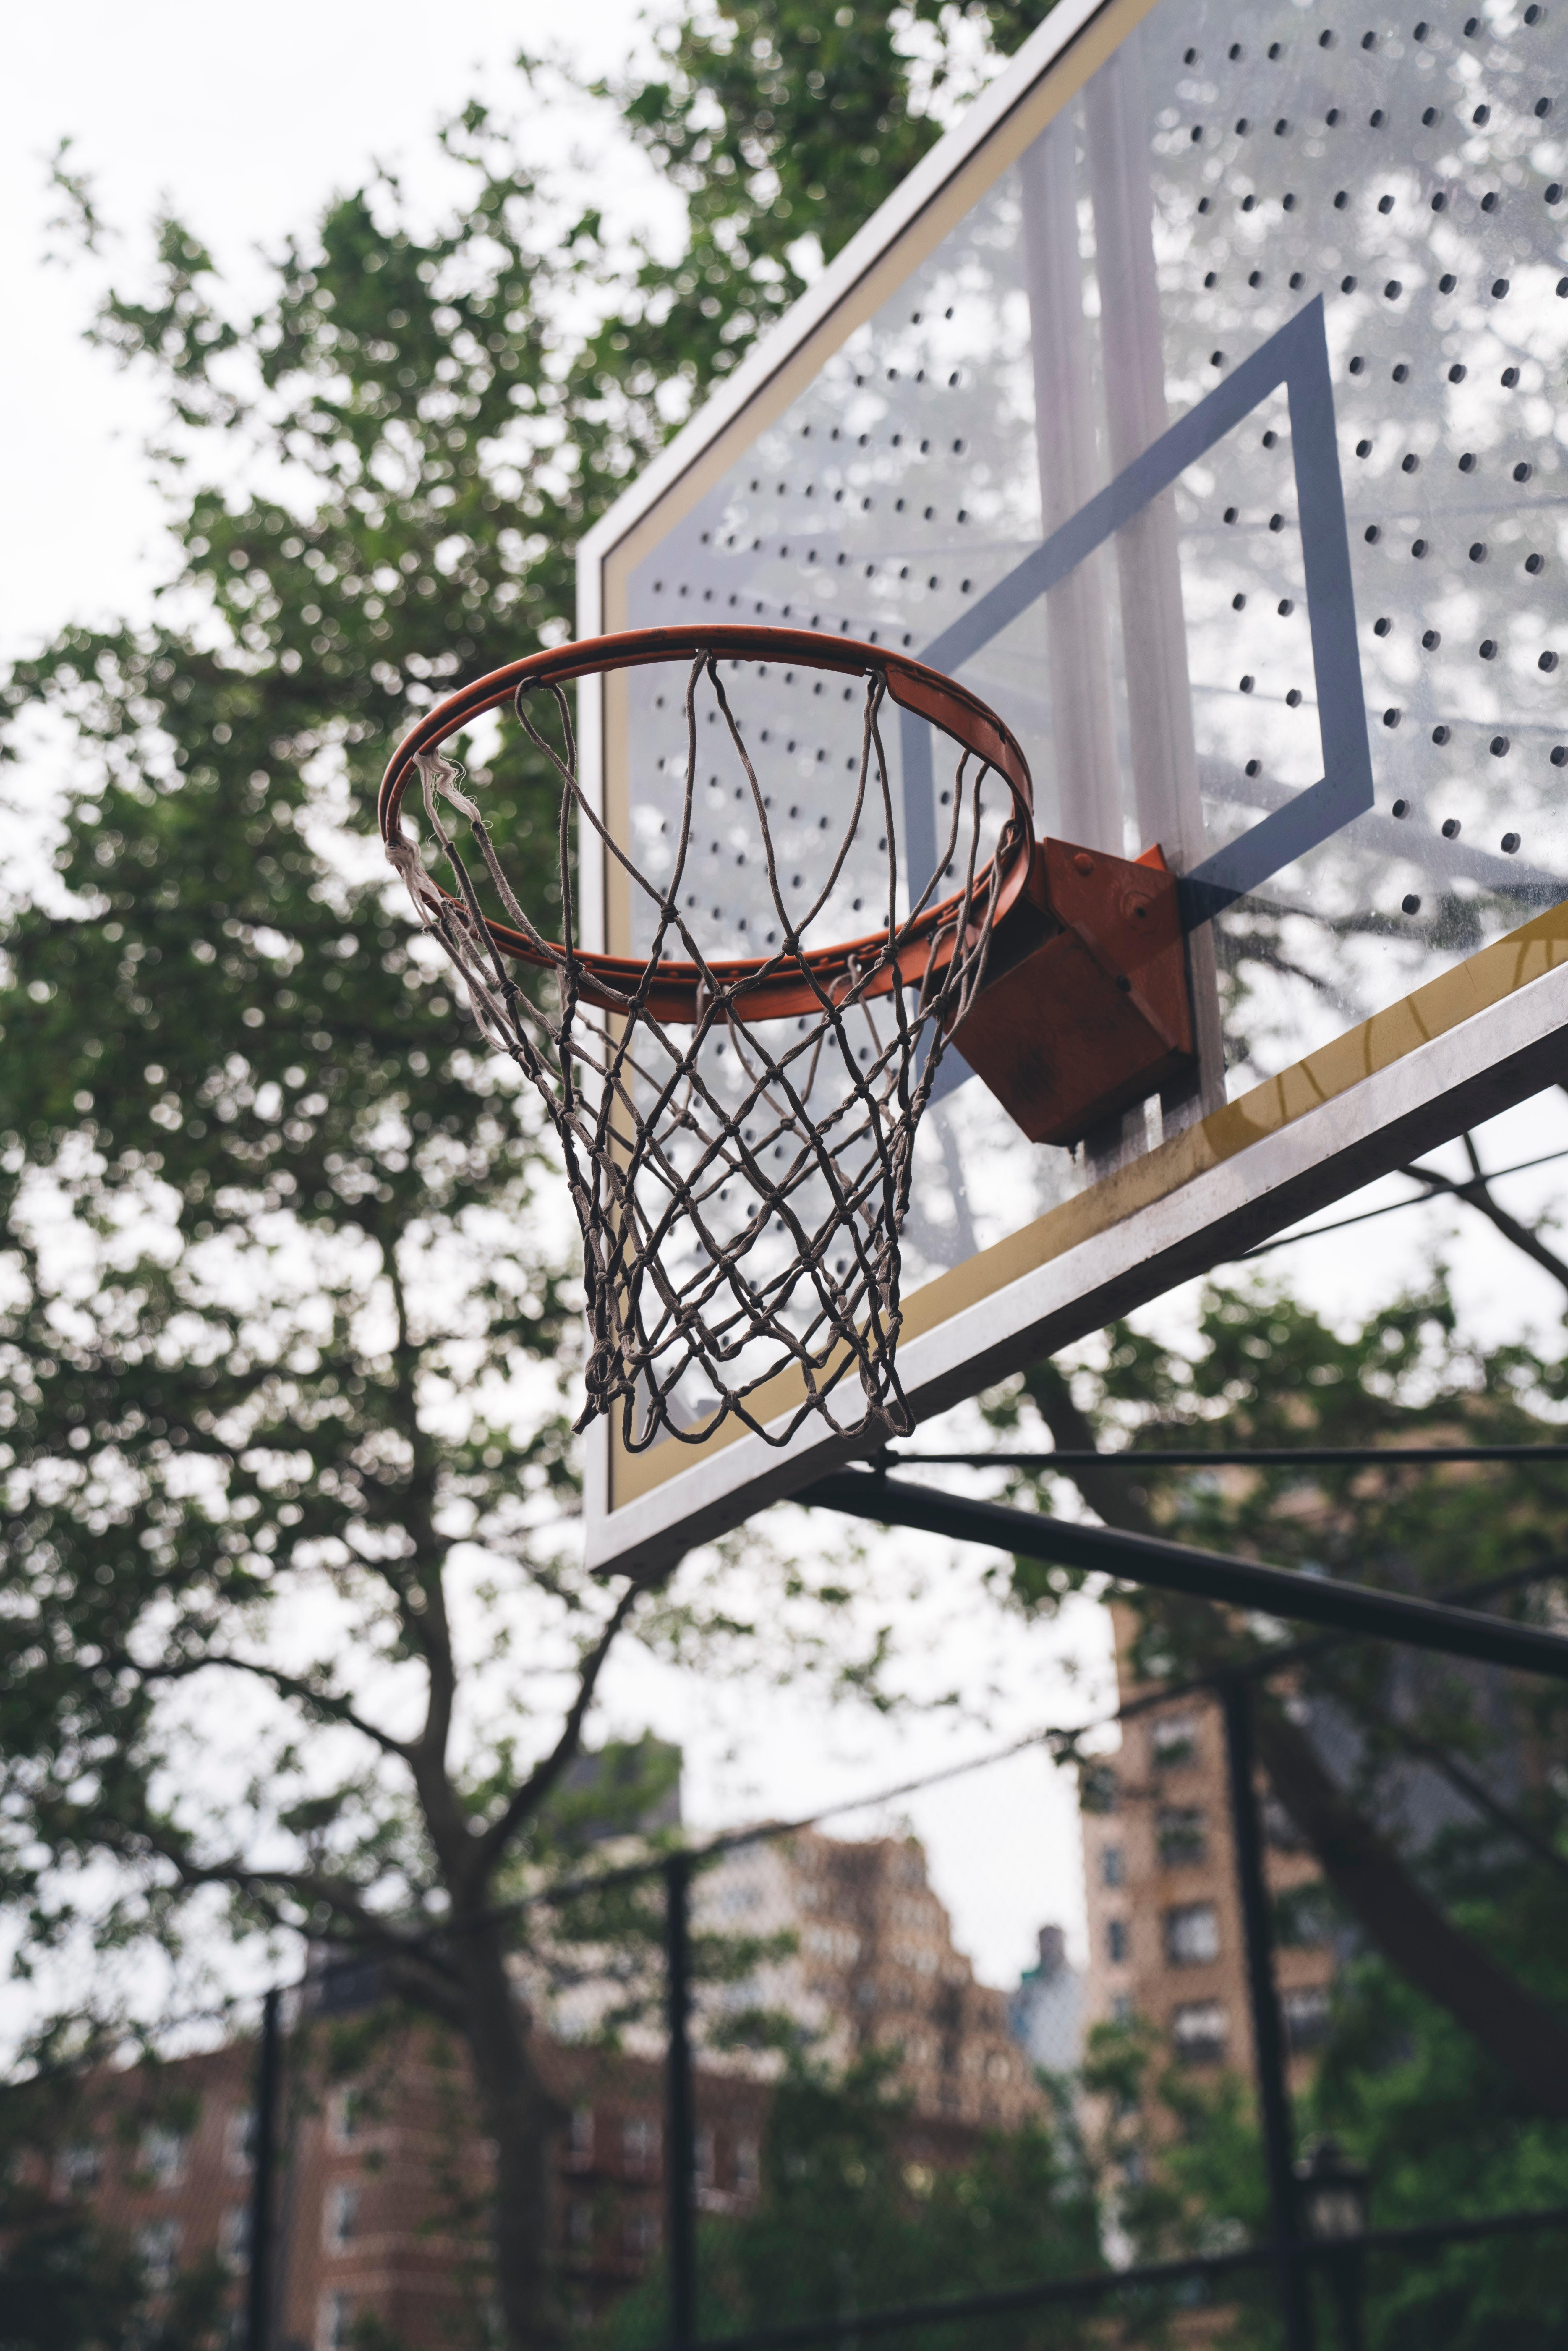 121306 скачать обои Спорт, Баскетбольное Кольцо, Щит, Площадка - заставки и картинки бесплатно